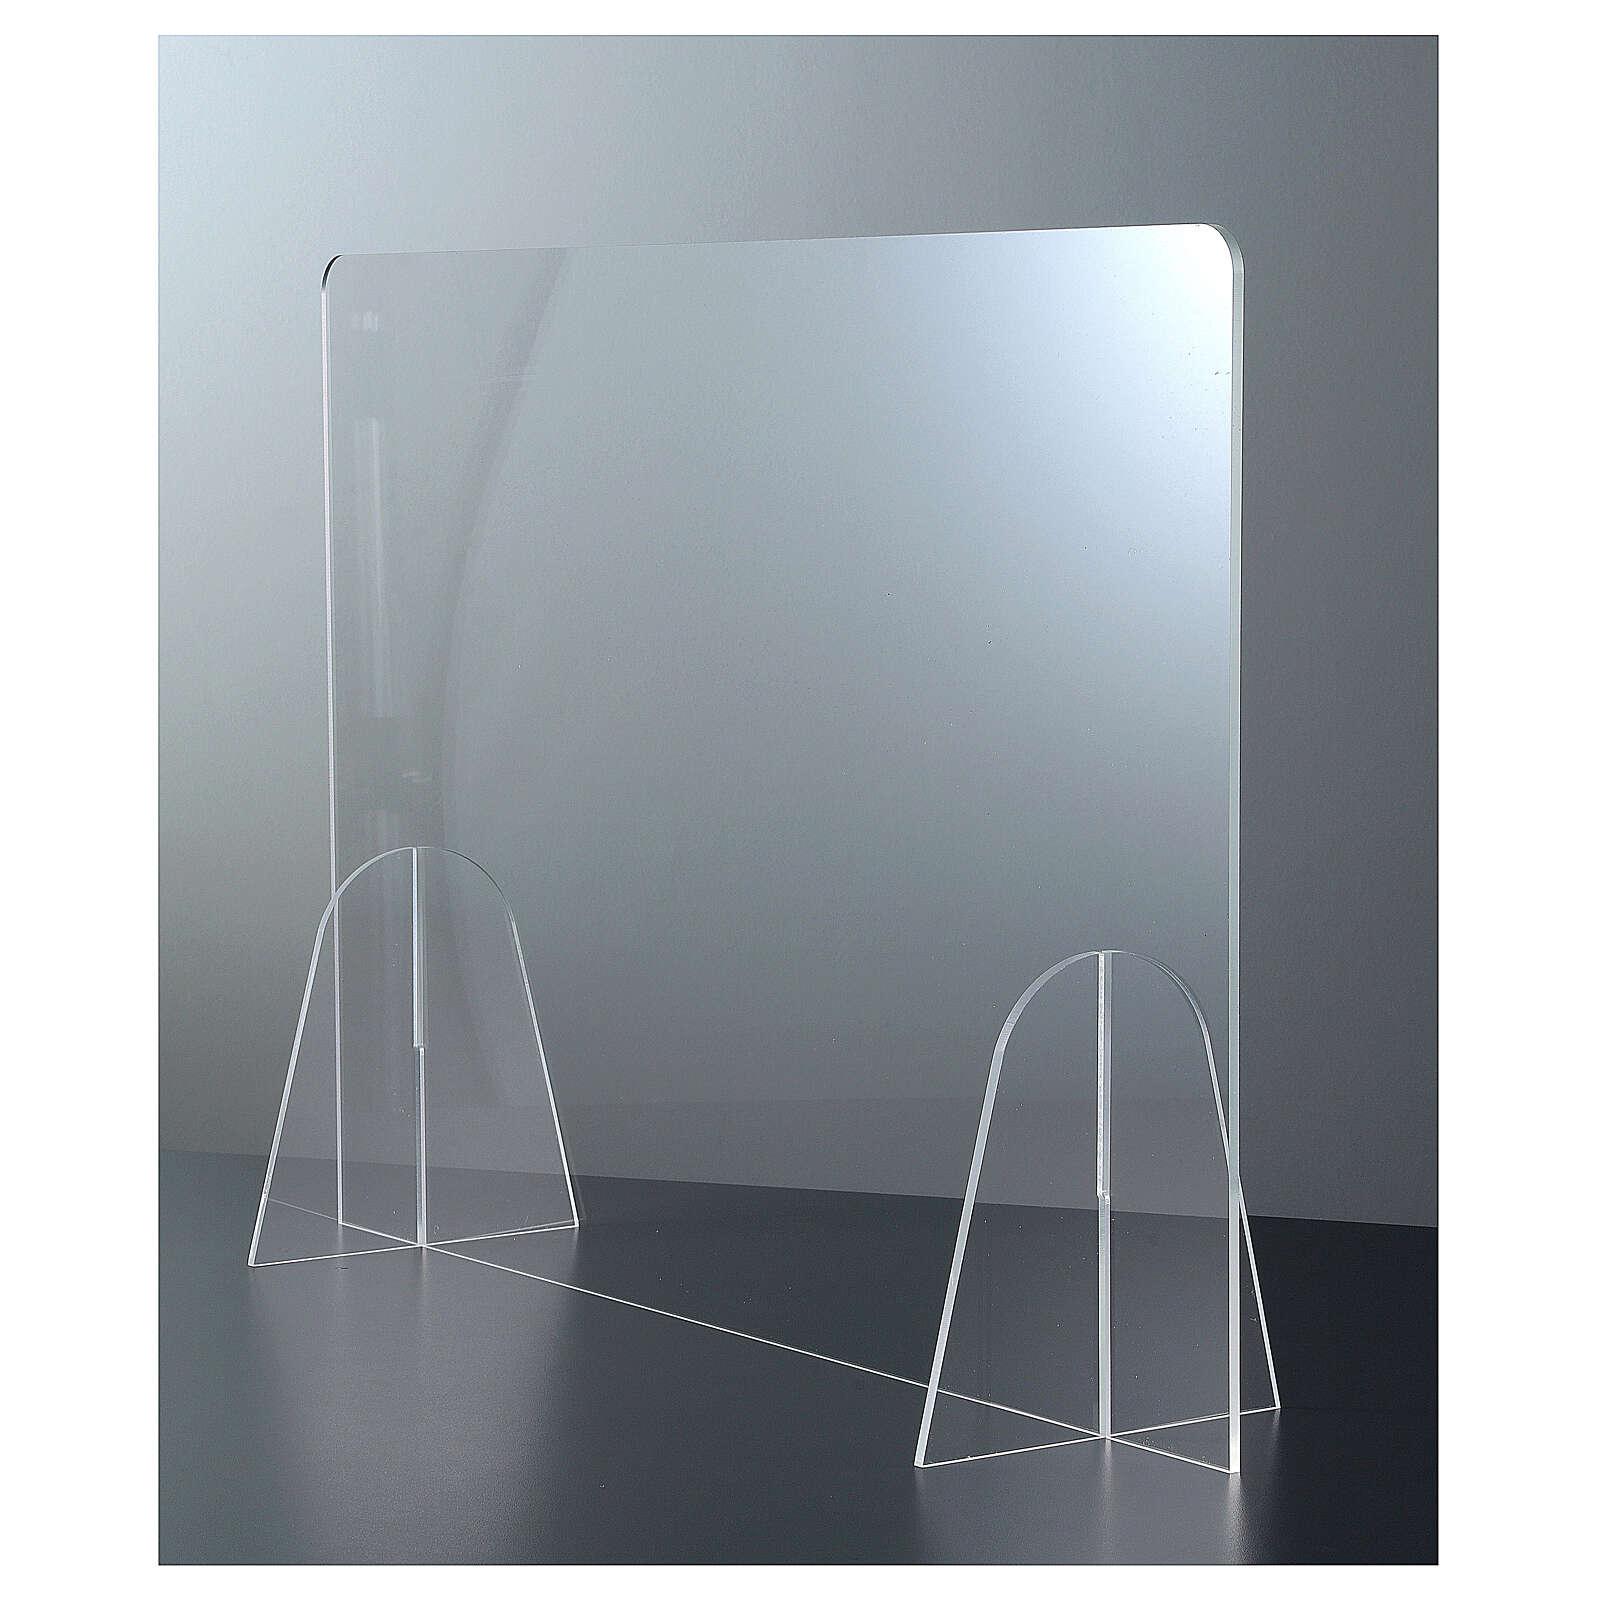 Barrière de protection pour table Design Goutte plexiglas h 50x140 cm 3